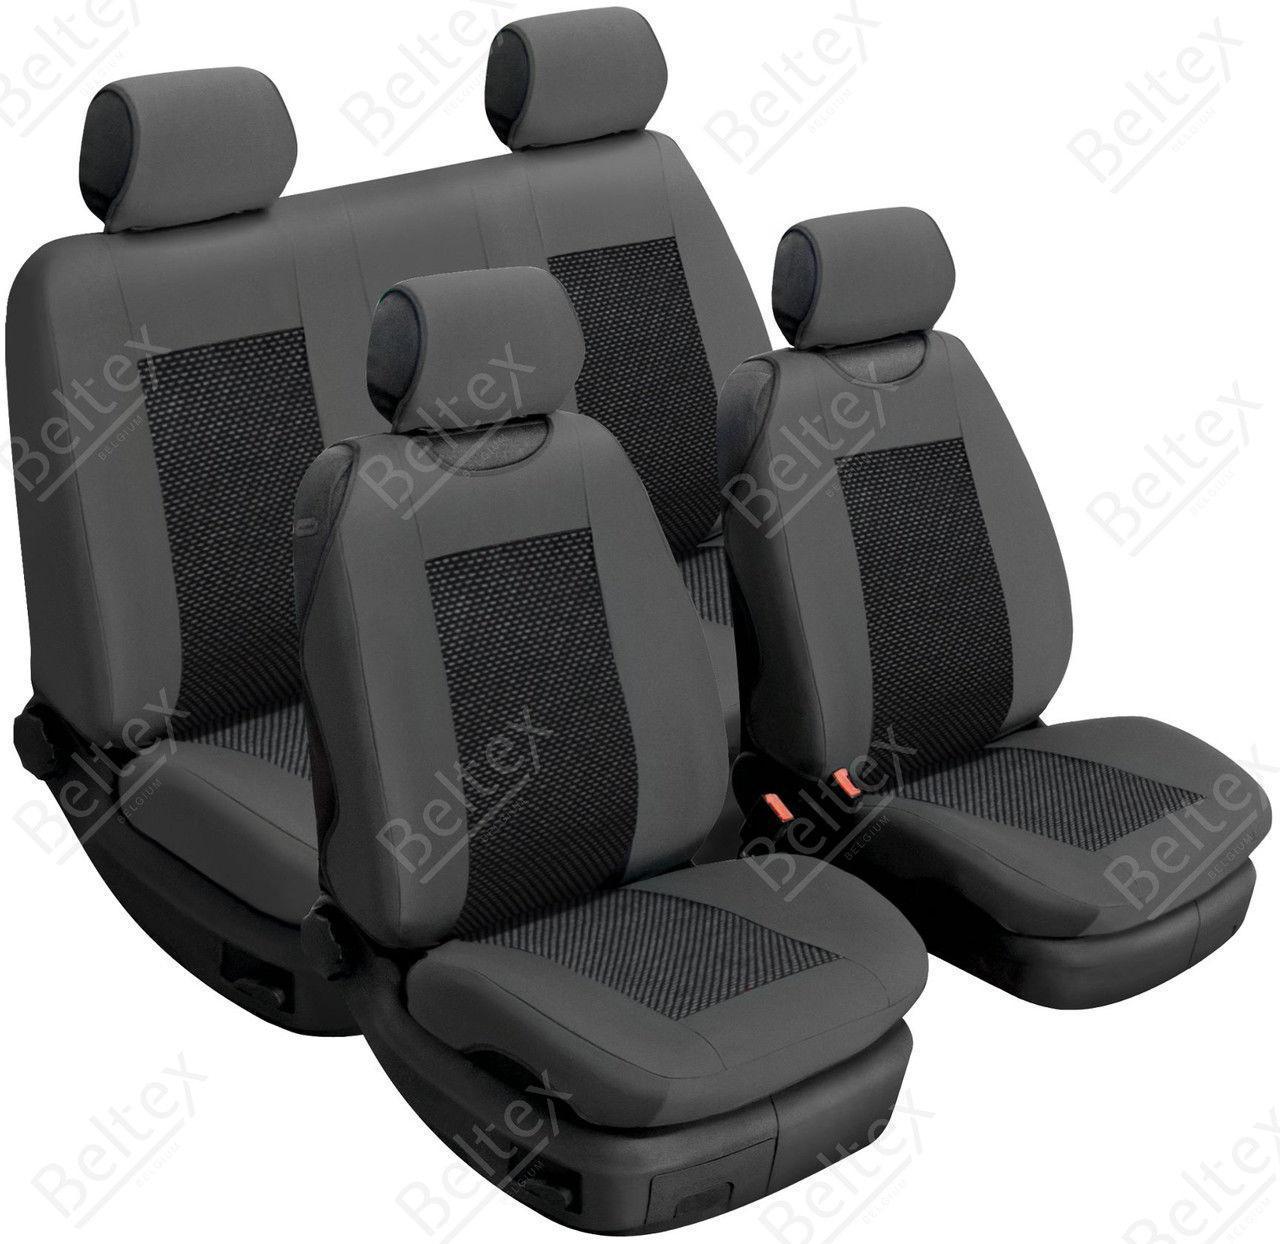 Майки/чехлы на сиденья Пежо 4008 (Peugeot 4008)